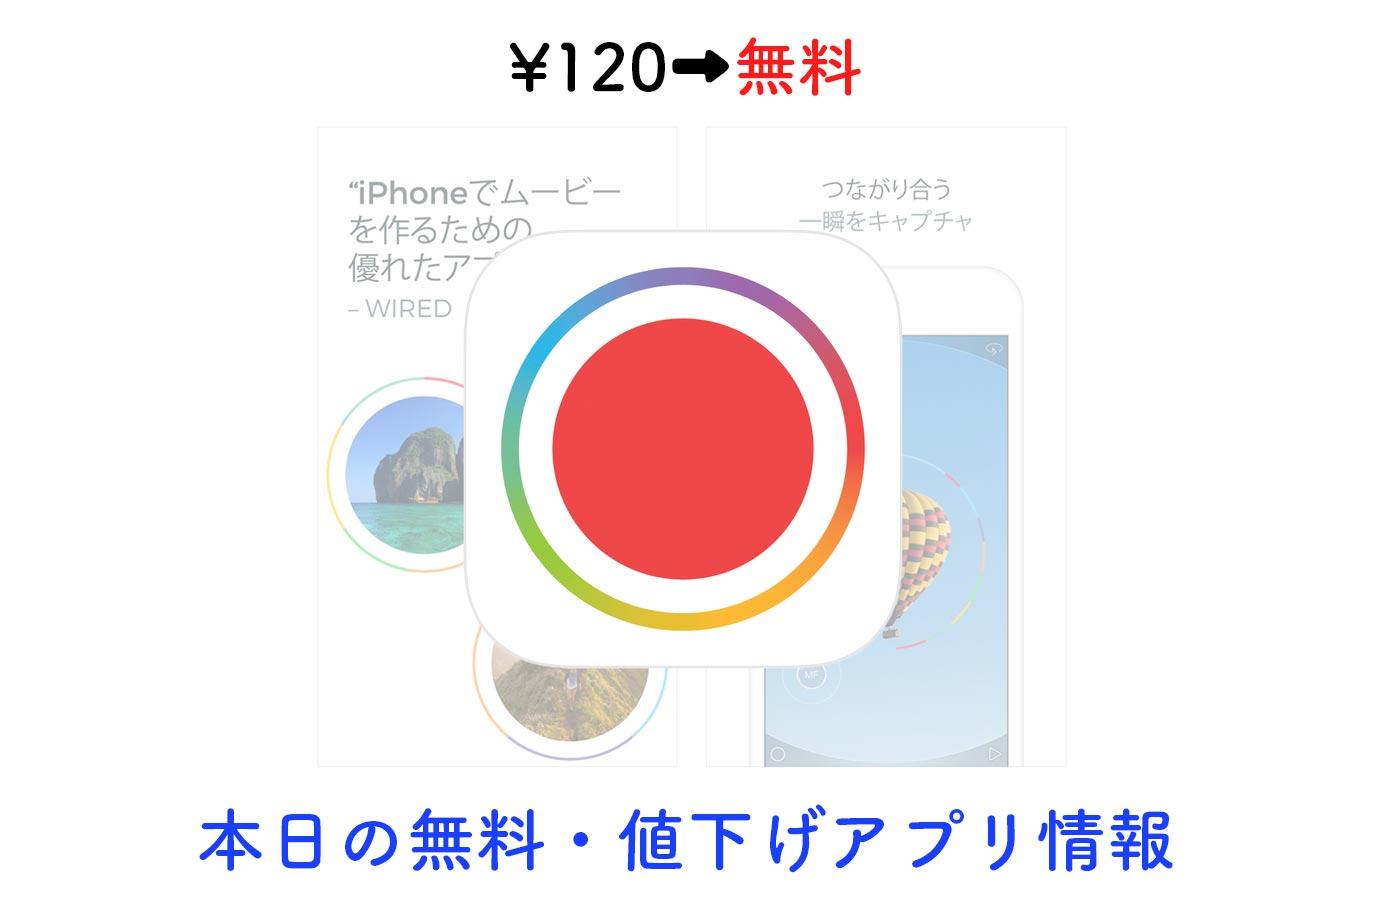 ¥120→無料、簡単に動画撮影ができる「Spark」など【10/11】本日の無料・値下げアプリ情報